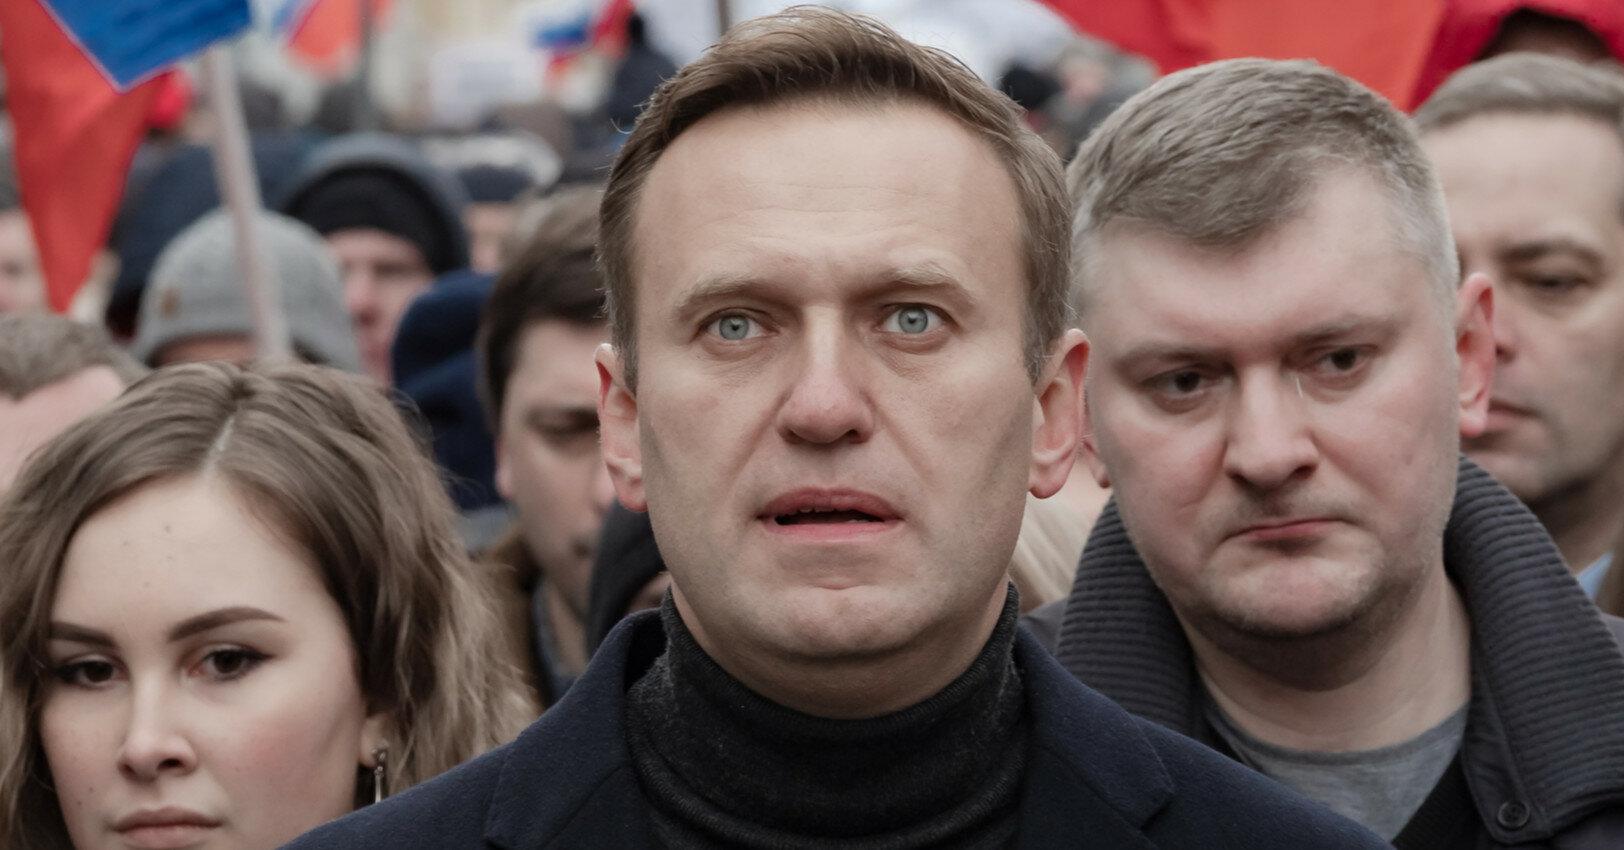 """Посольству РФ в Португалии """"слили"""" данные участников митинга за Навального"""